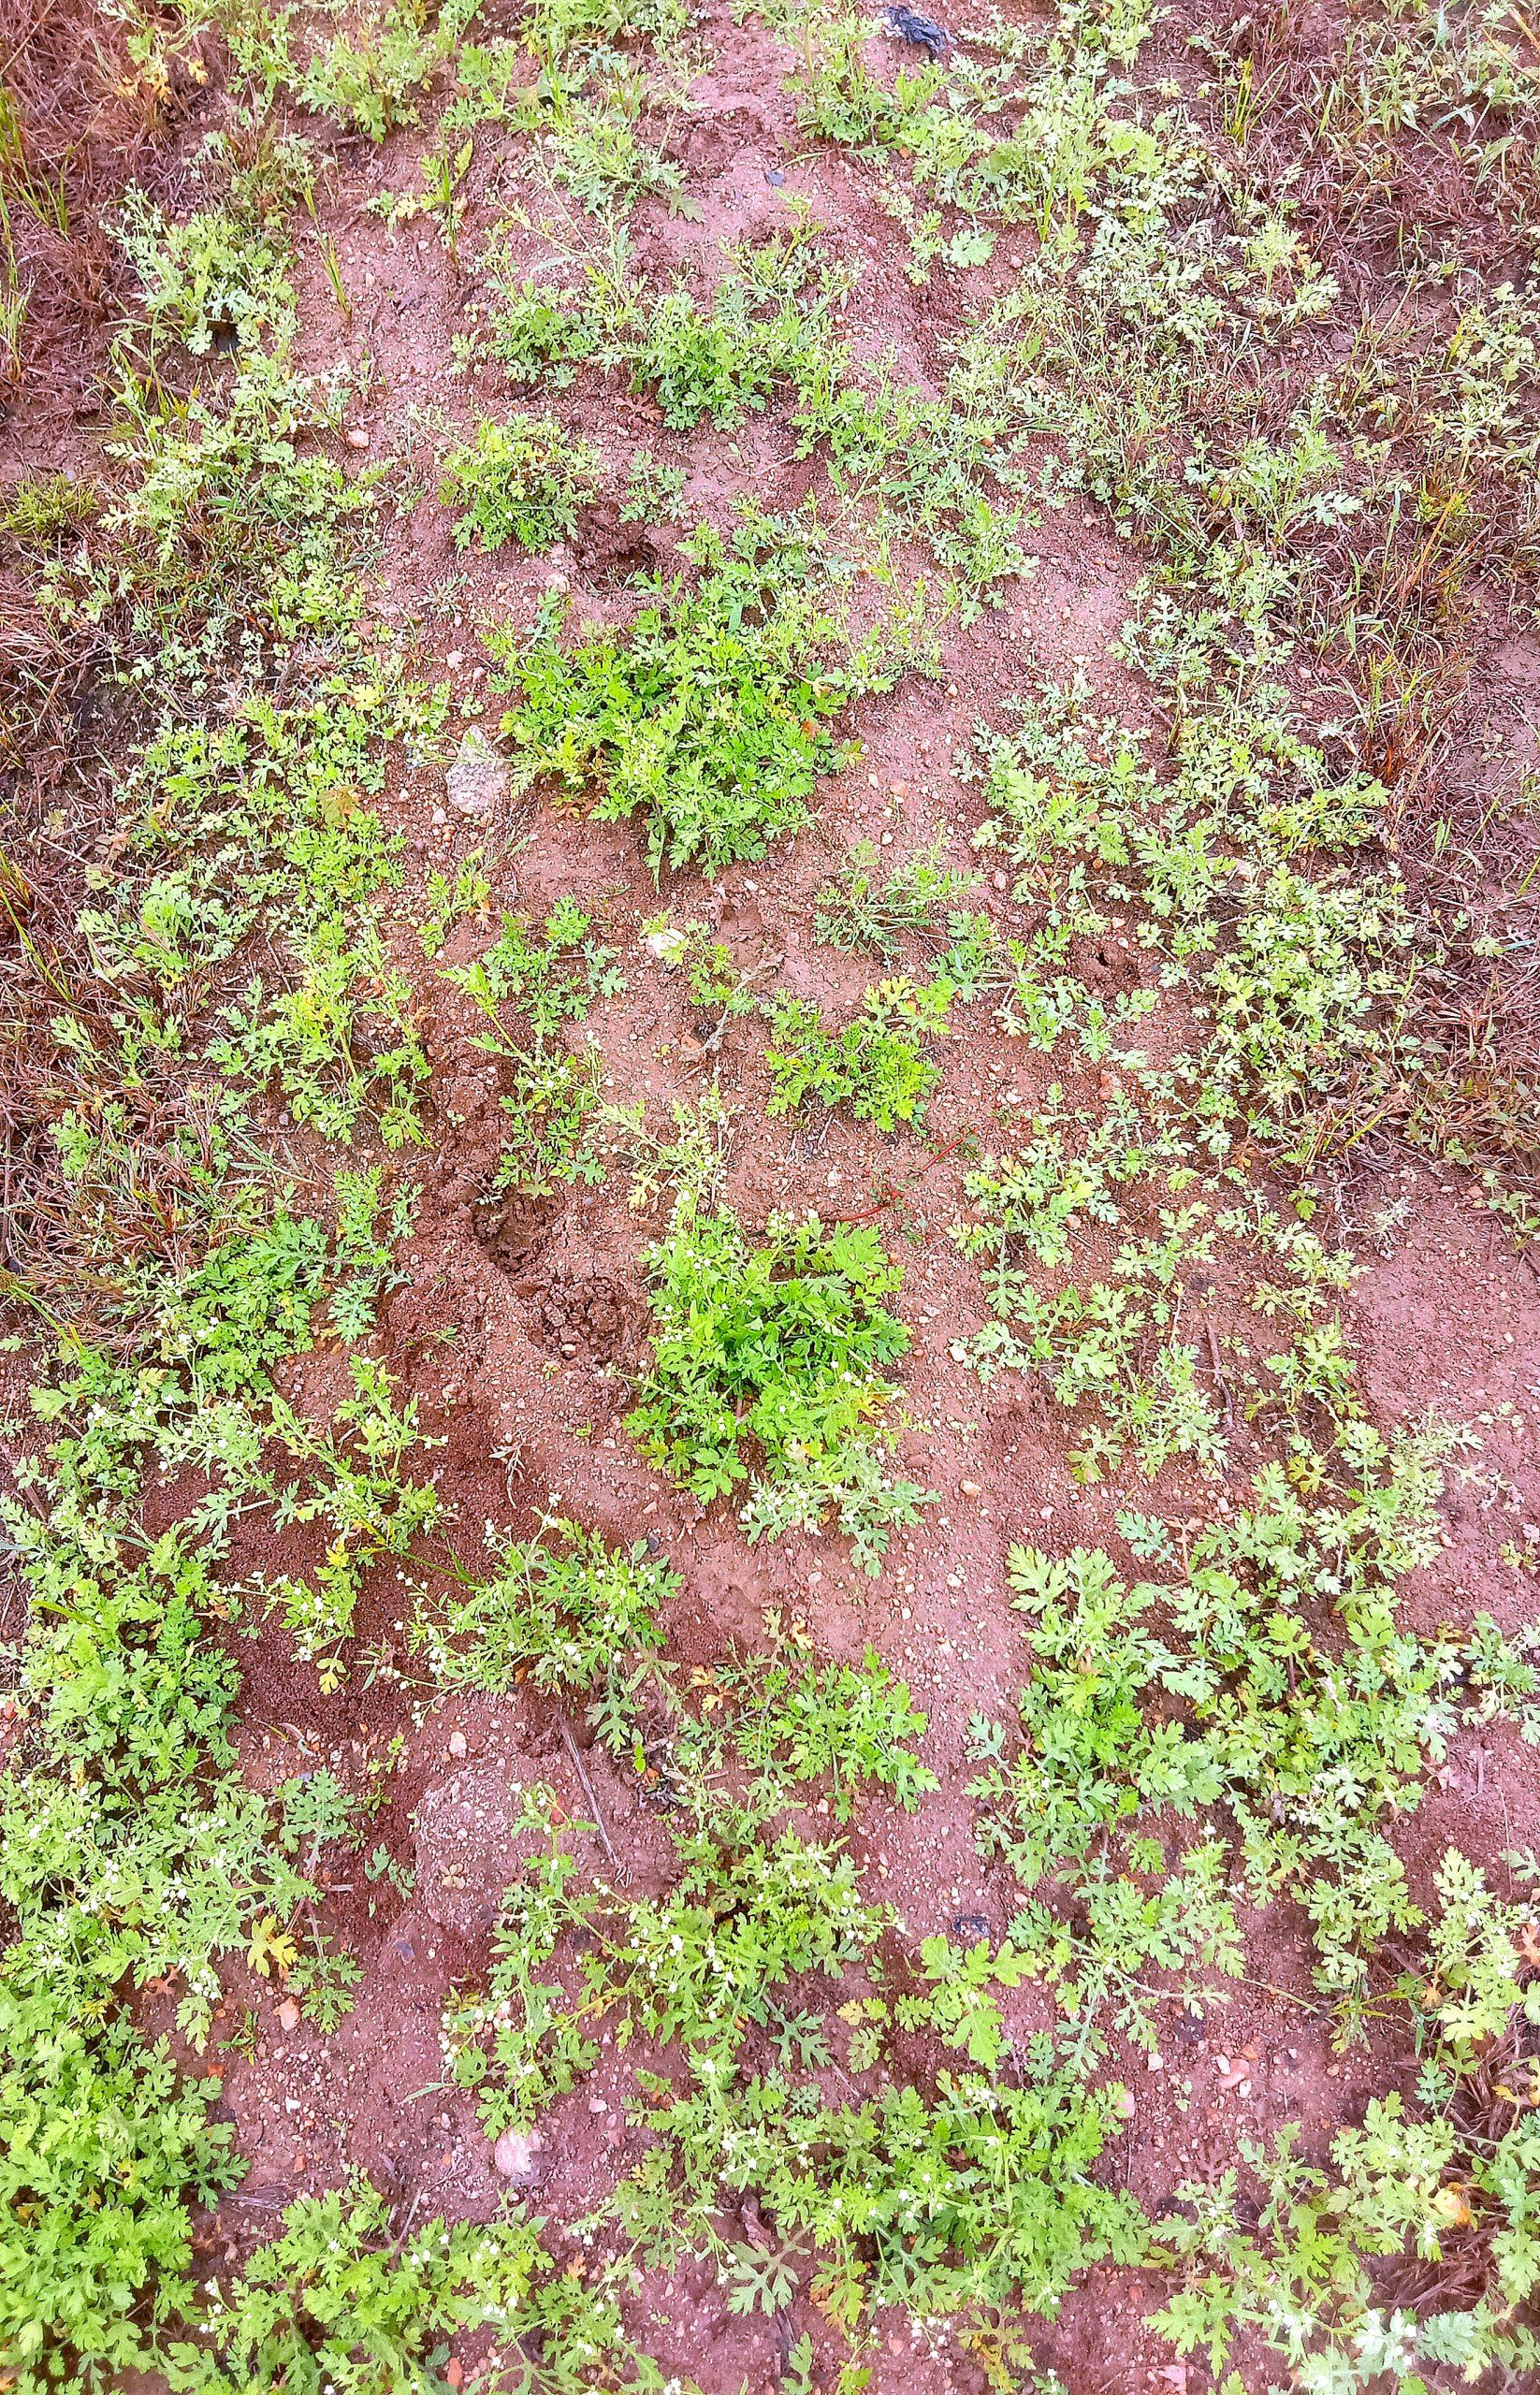 Congress grass on a surface